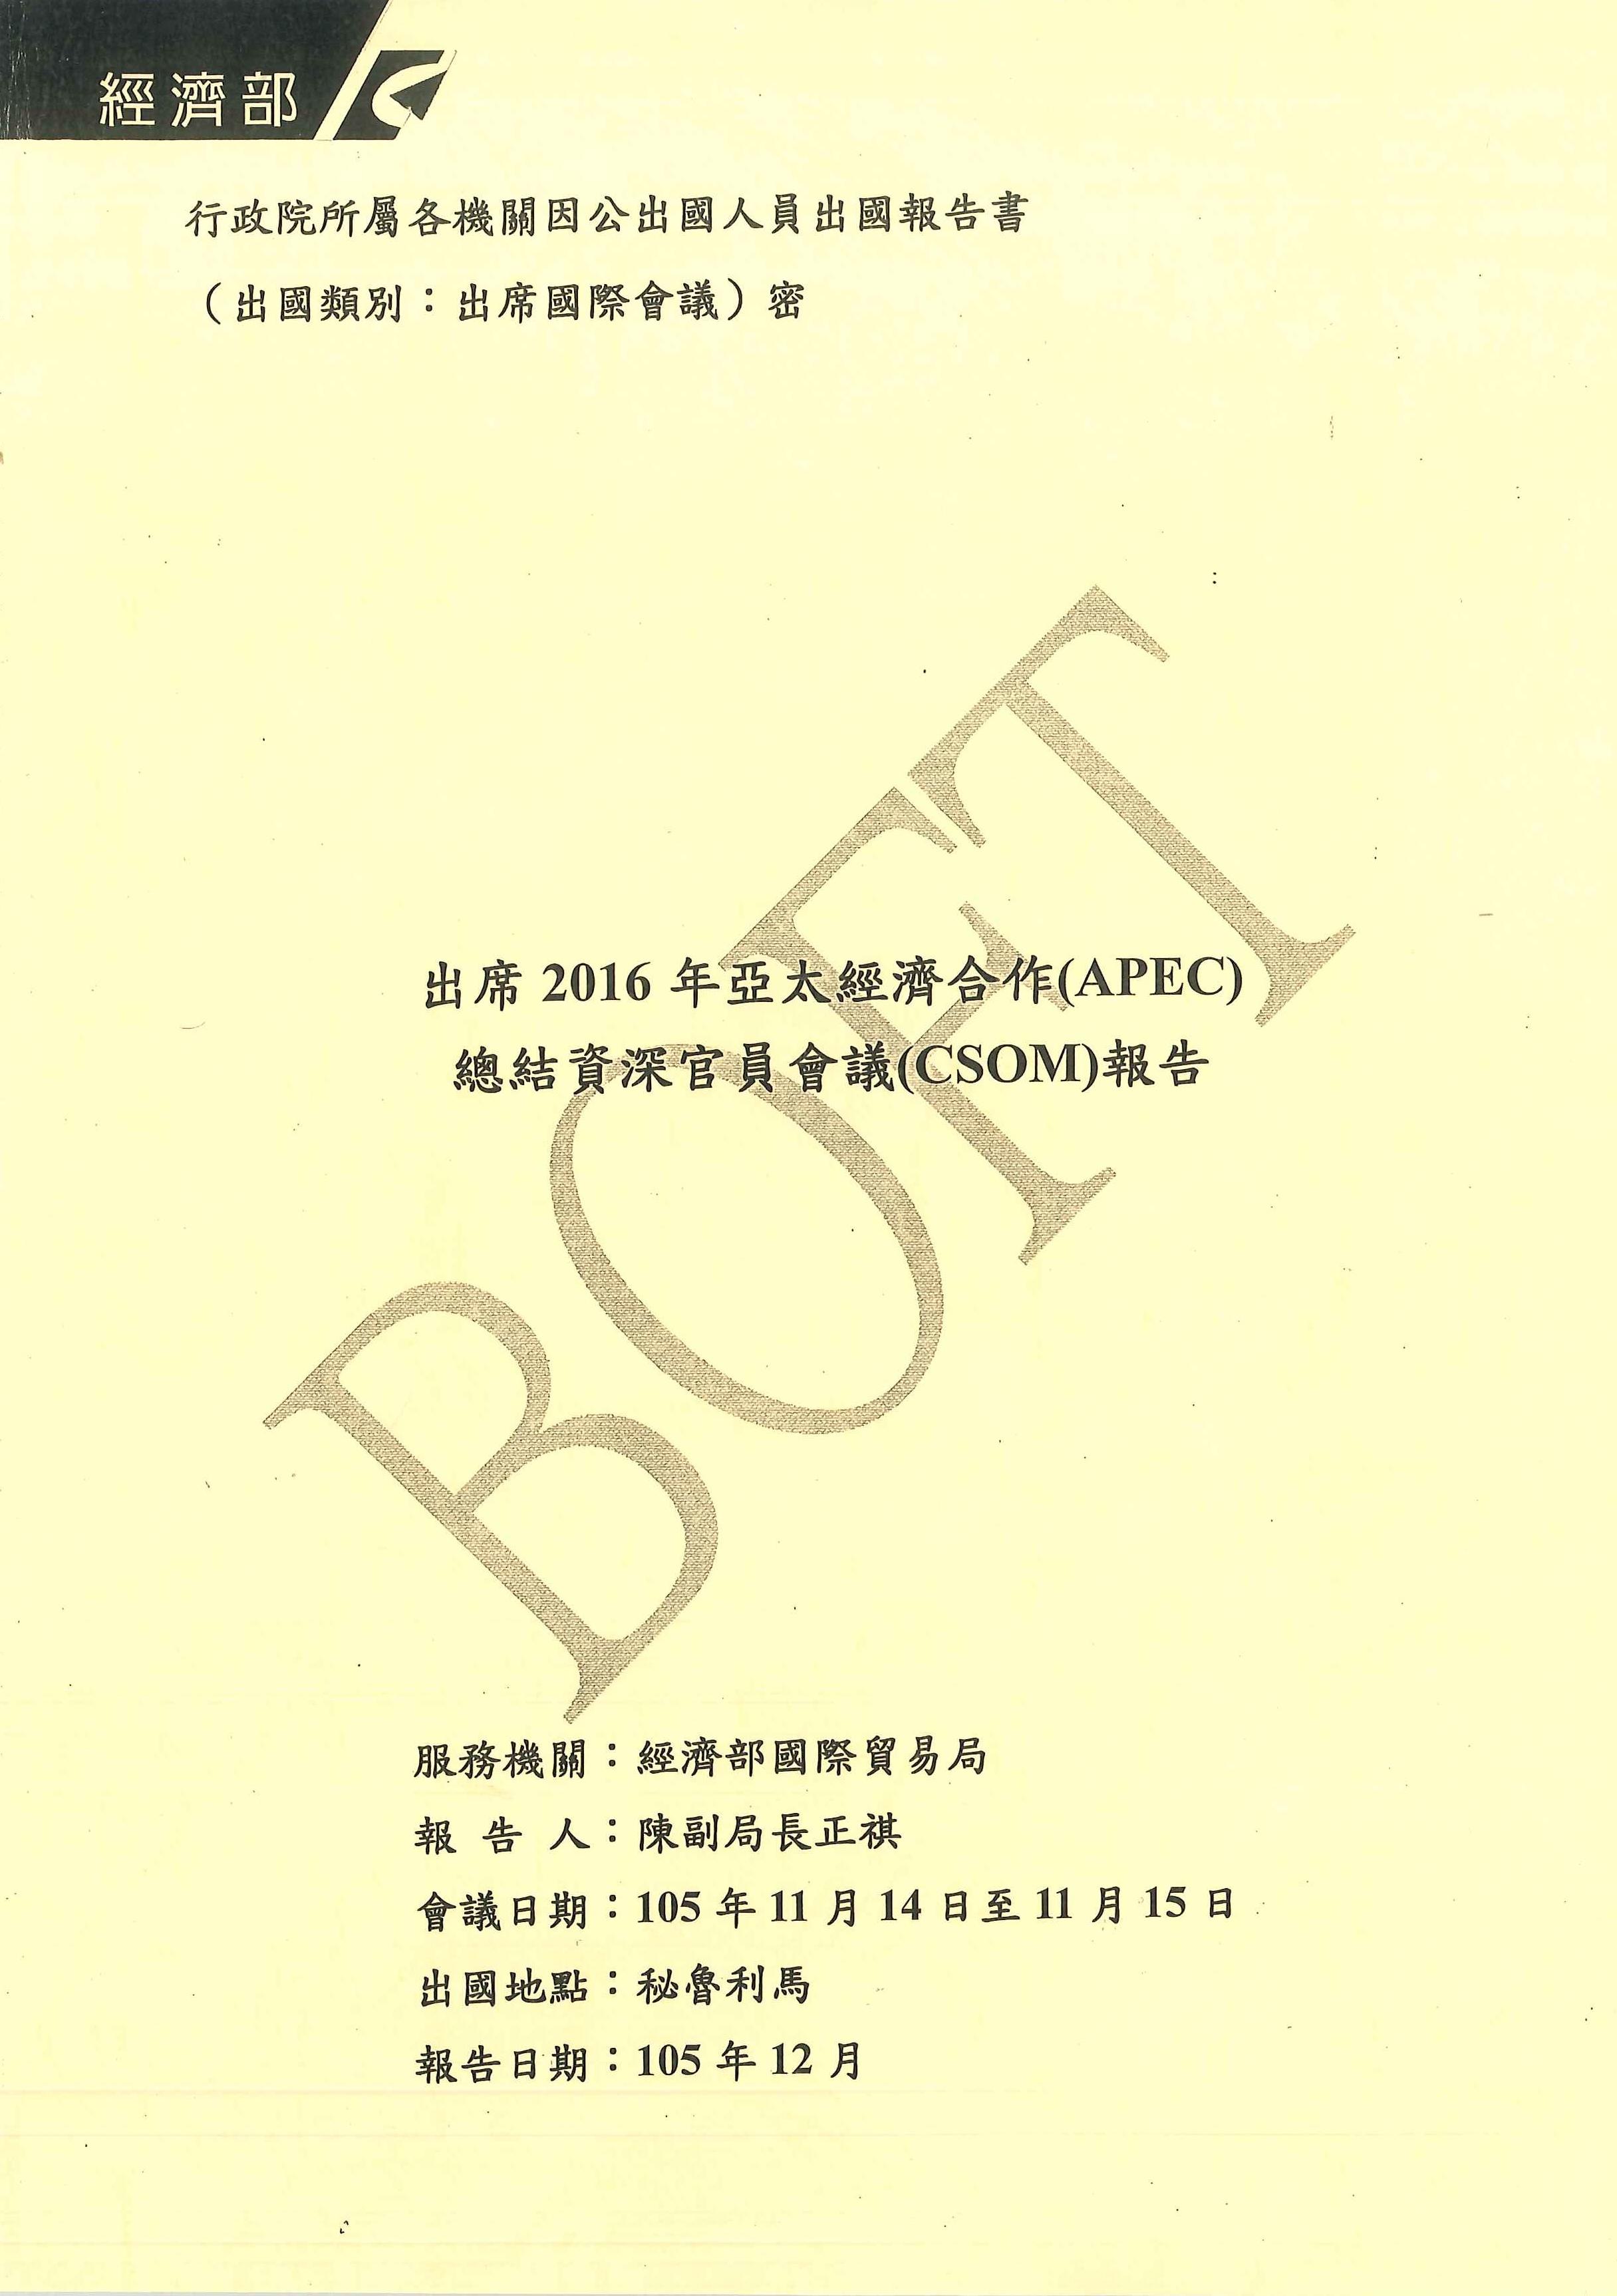 出席2016年亞太經濟合作(APEC)總結資深官員會議(CSOM)報告